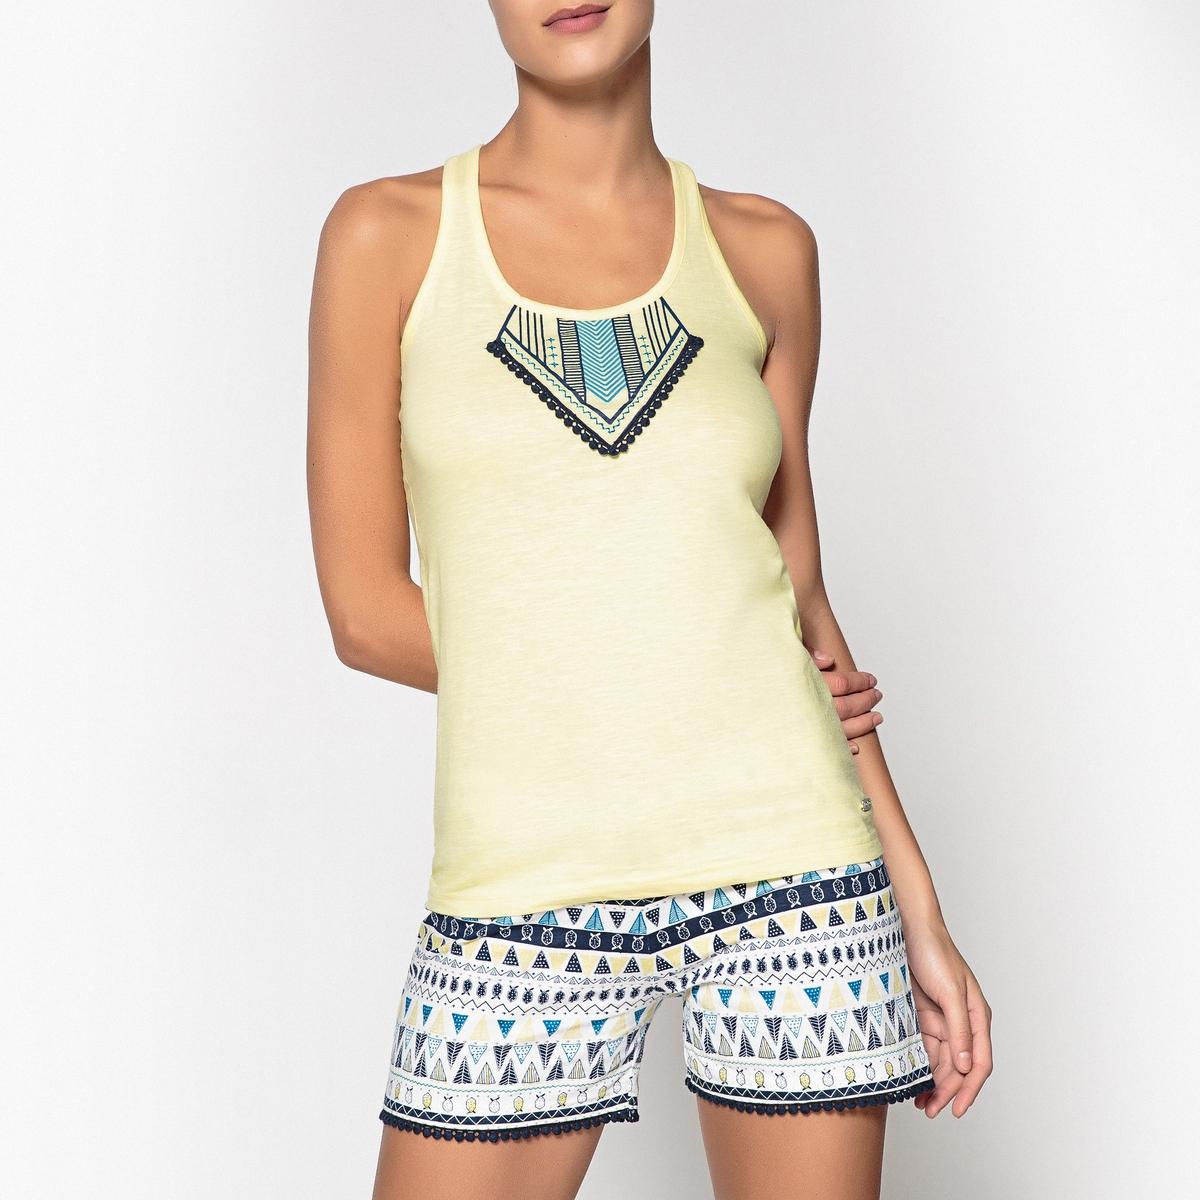 Пижама с шортами из хлопка с этническим рисунком и помпонами, Wax ботинки блестящие с помпонами 19 24